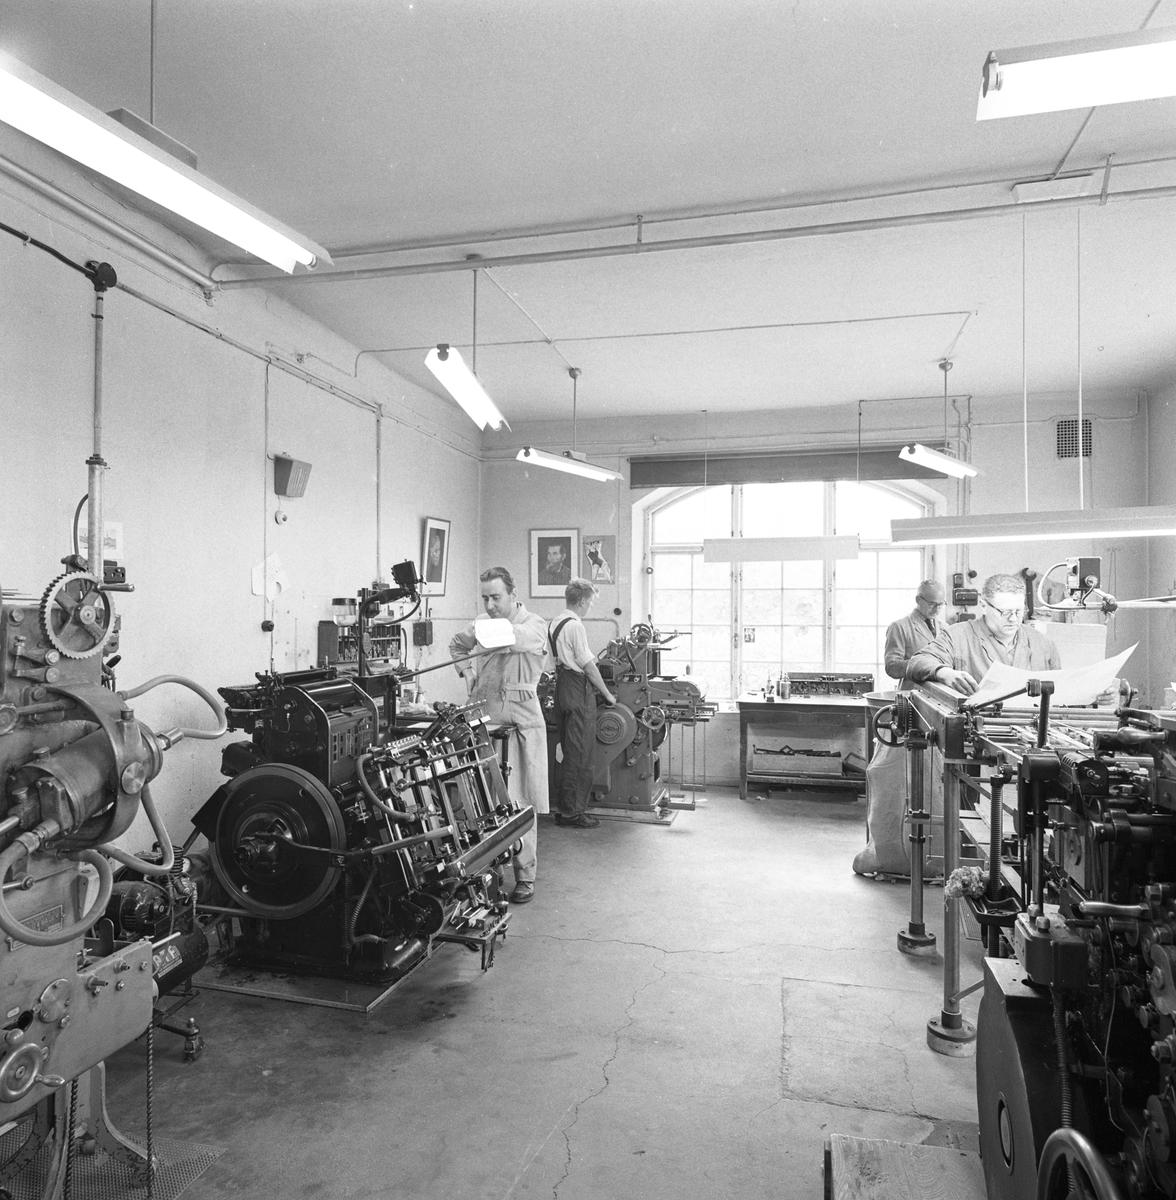 Arboga Boktryckeri, interiörbild från 1950-talet. Fyra män, iklädda arbetskläder, står vid var sin maskin. Ett stort fönster släpper in mycket ljus. Nils Munther är mannen närmast kameran, till höger.